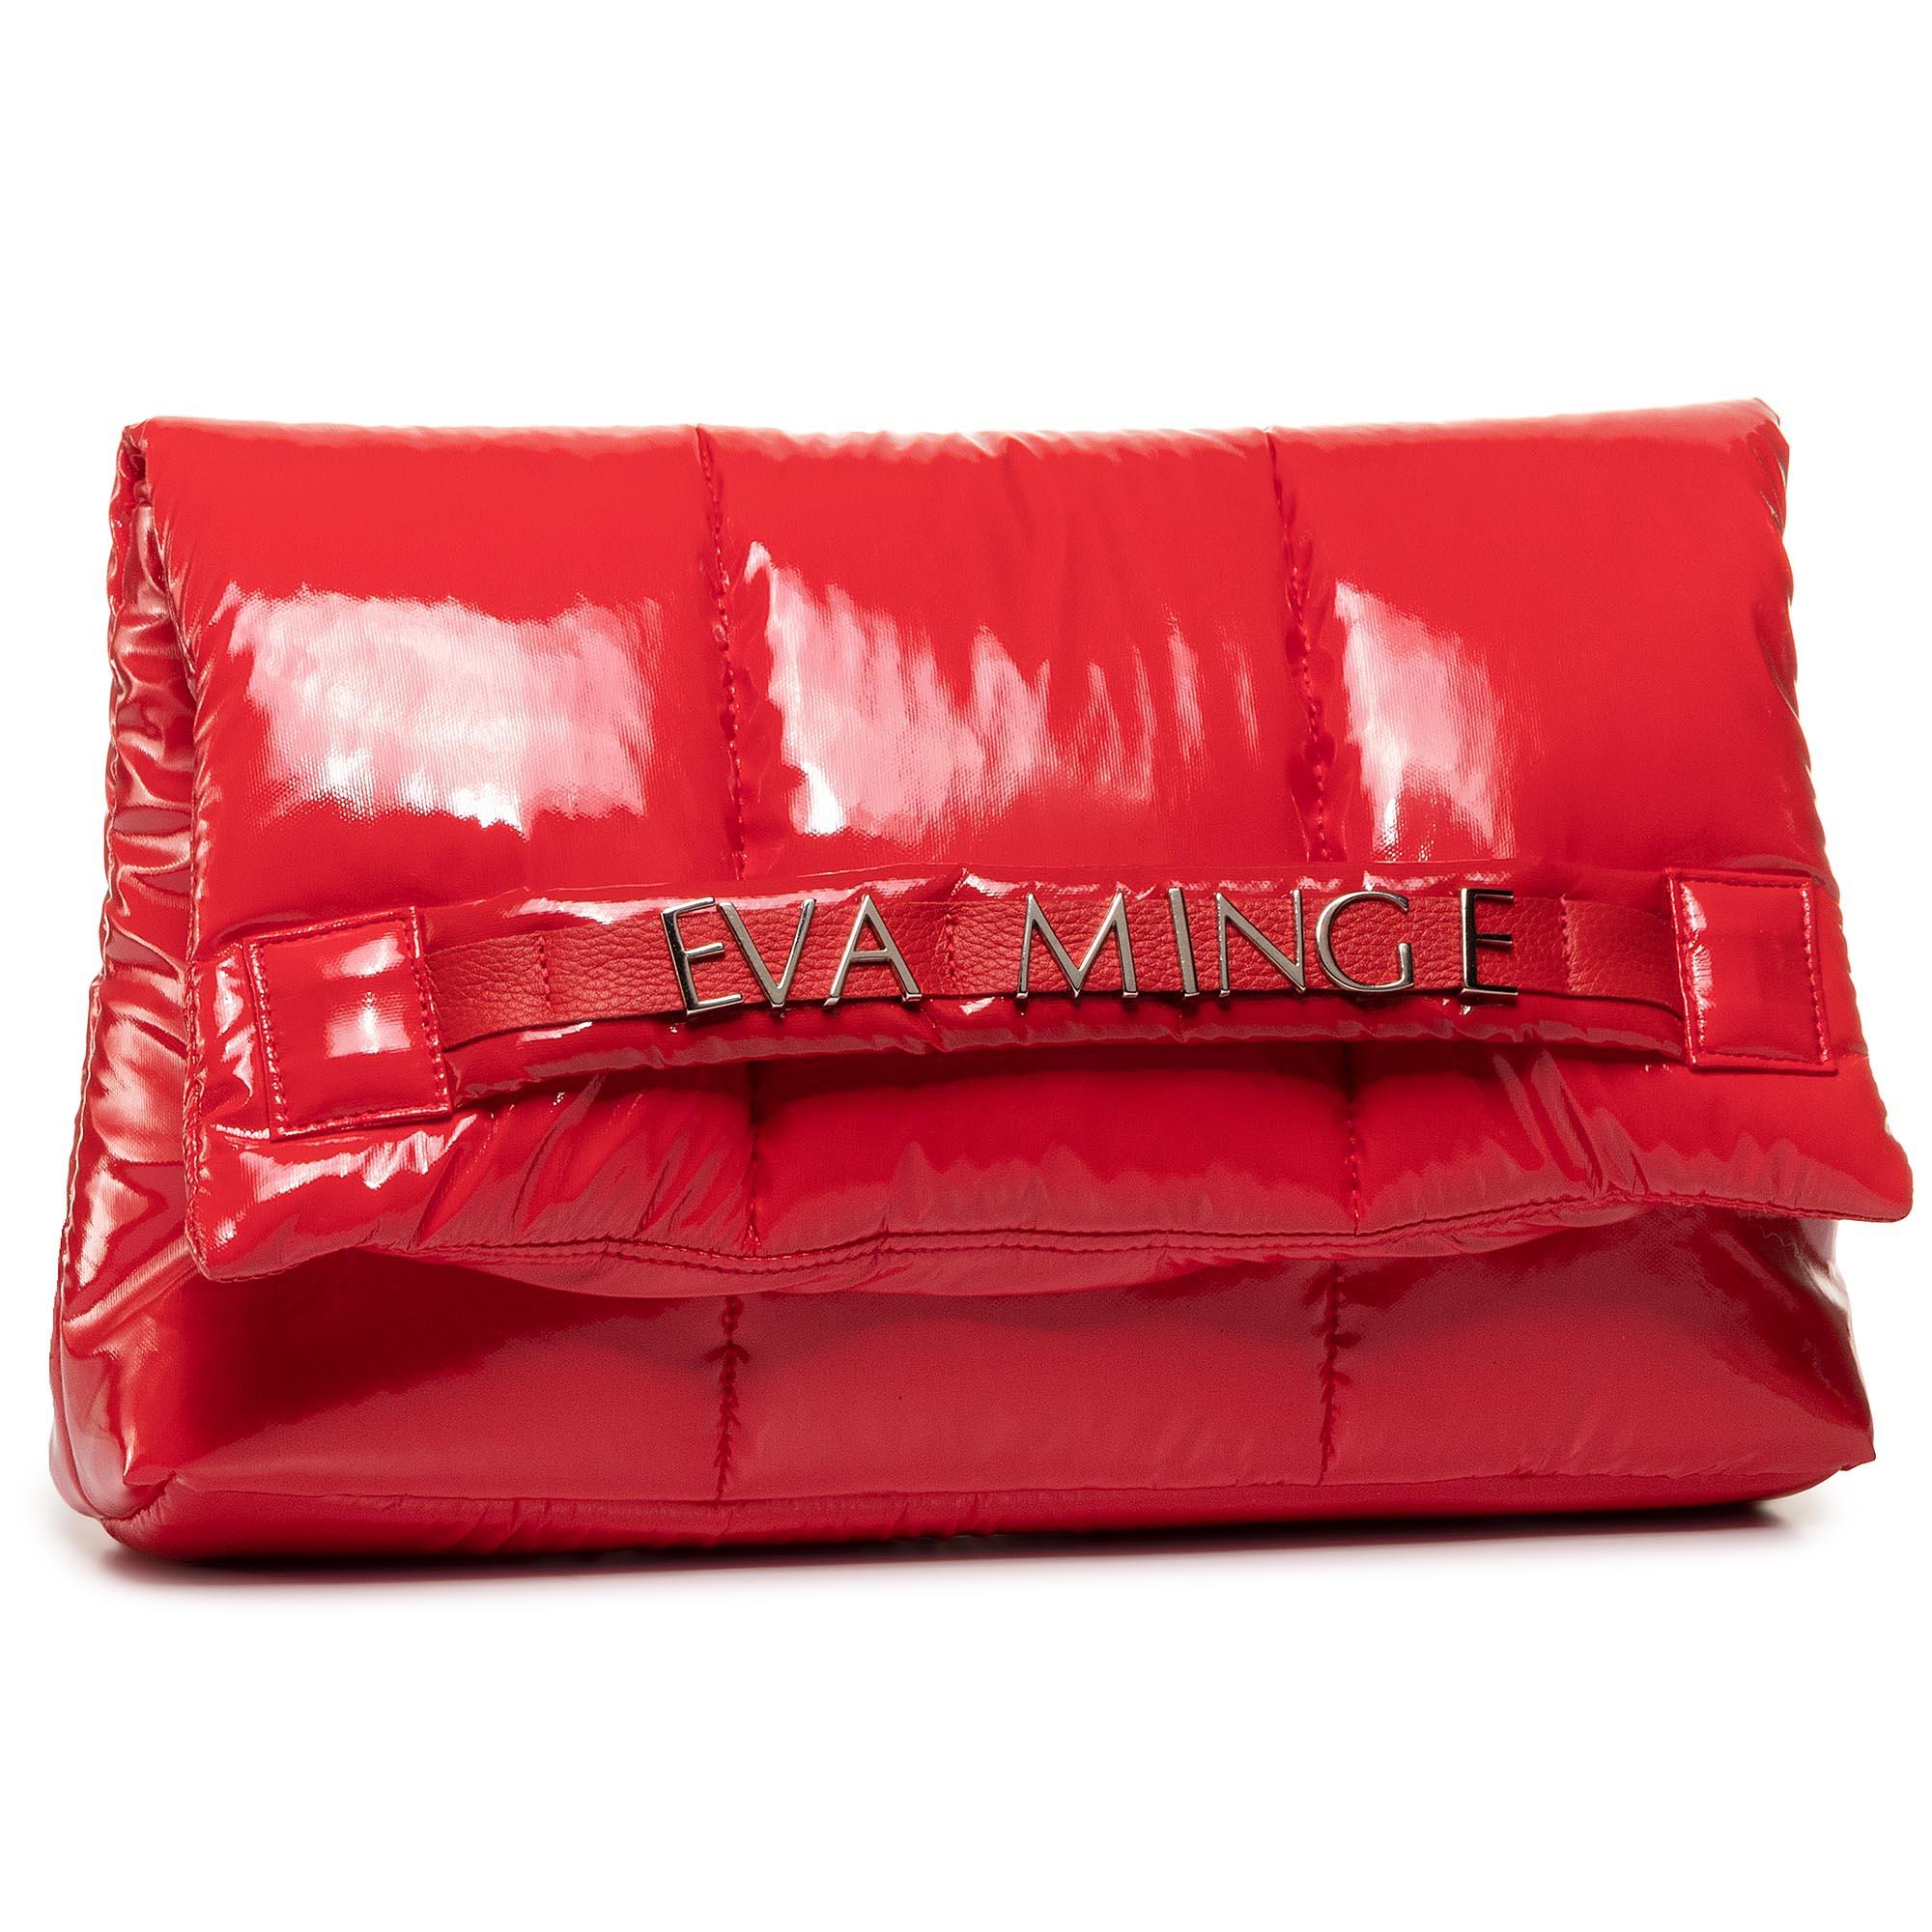 Image of Handtasche EVA MINGE - EM-17-06-000680 908